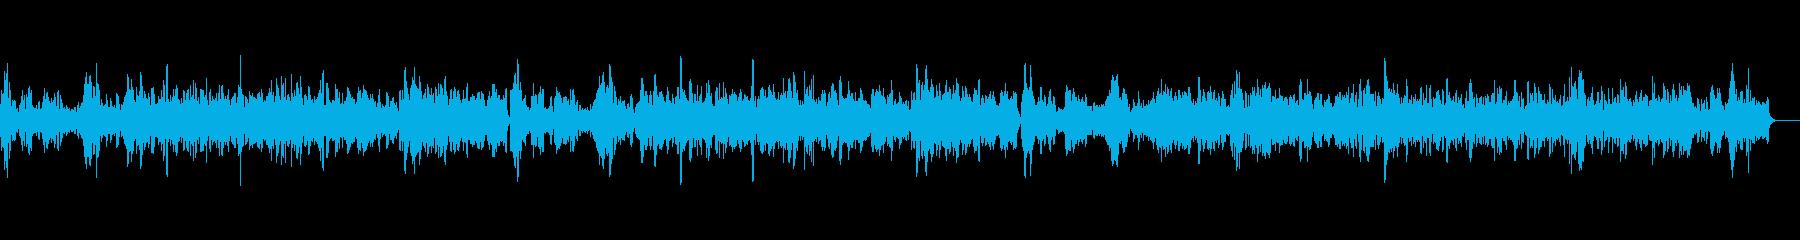 教会に響き渡るバイオリン独奏曲4の再生済みの波形